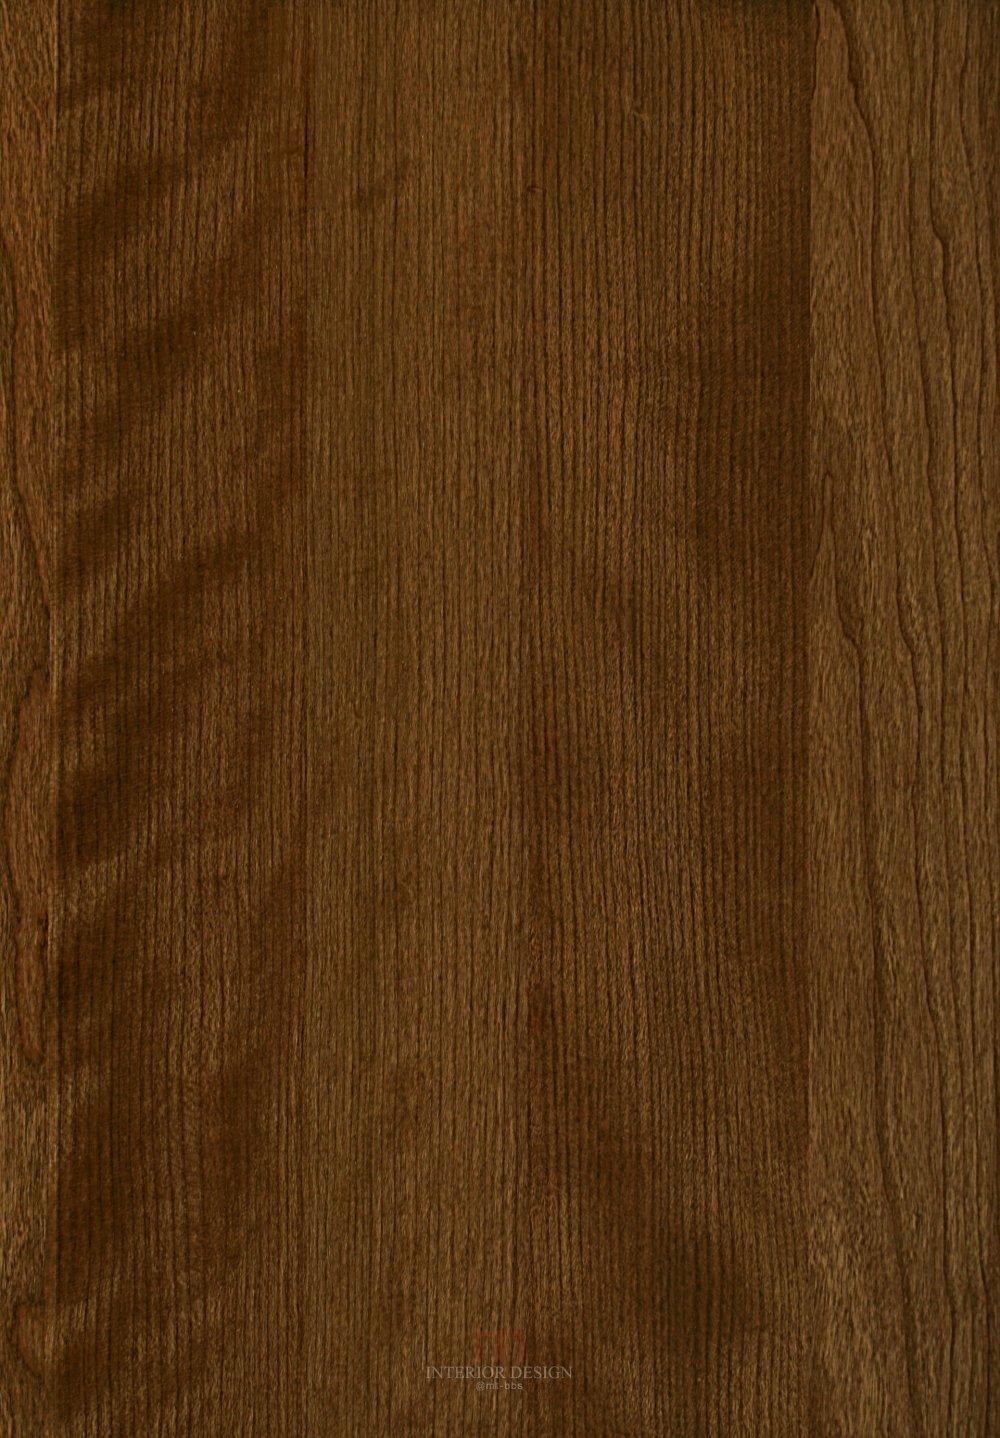 天然木纹_K6114BS_F0603.jpg